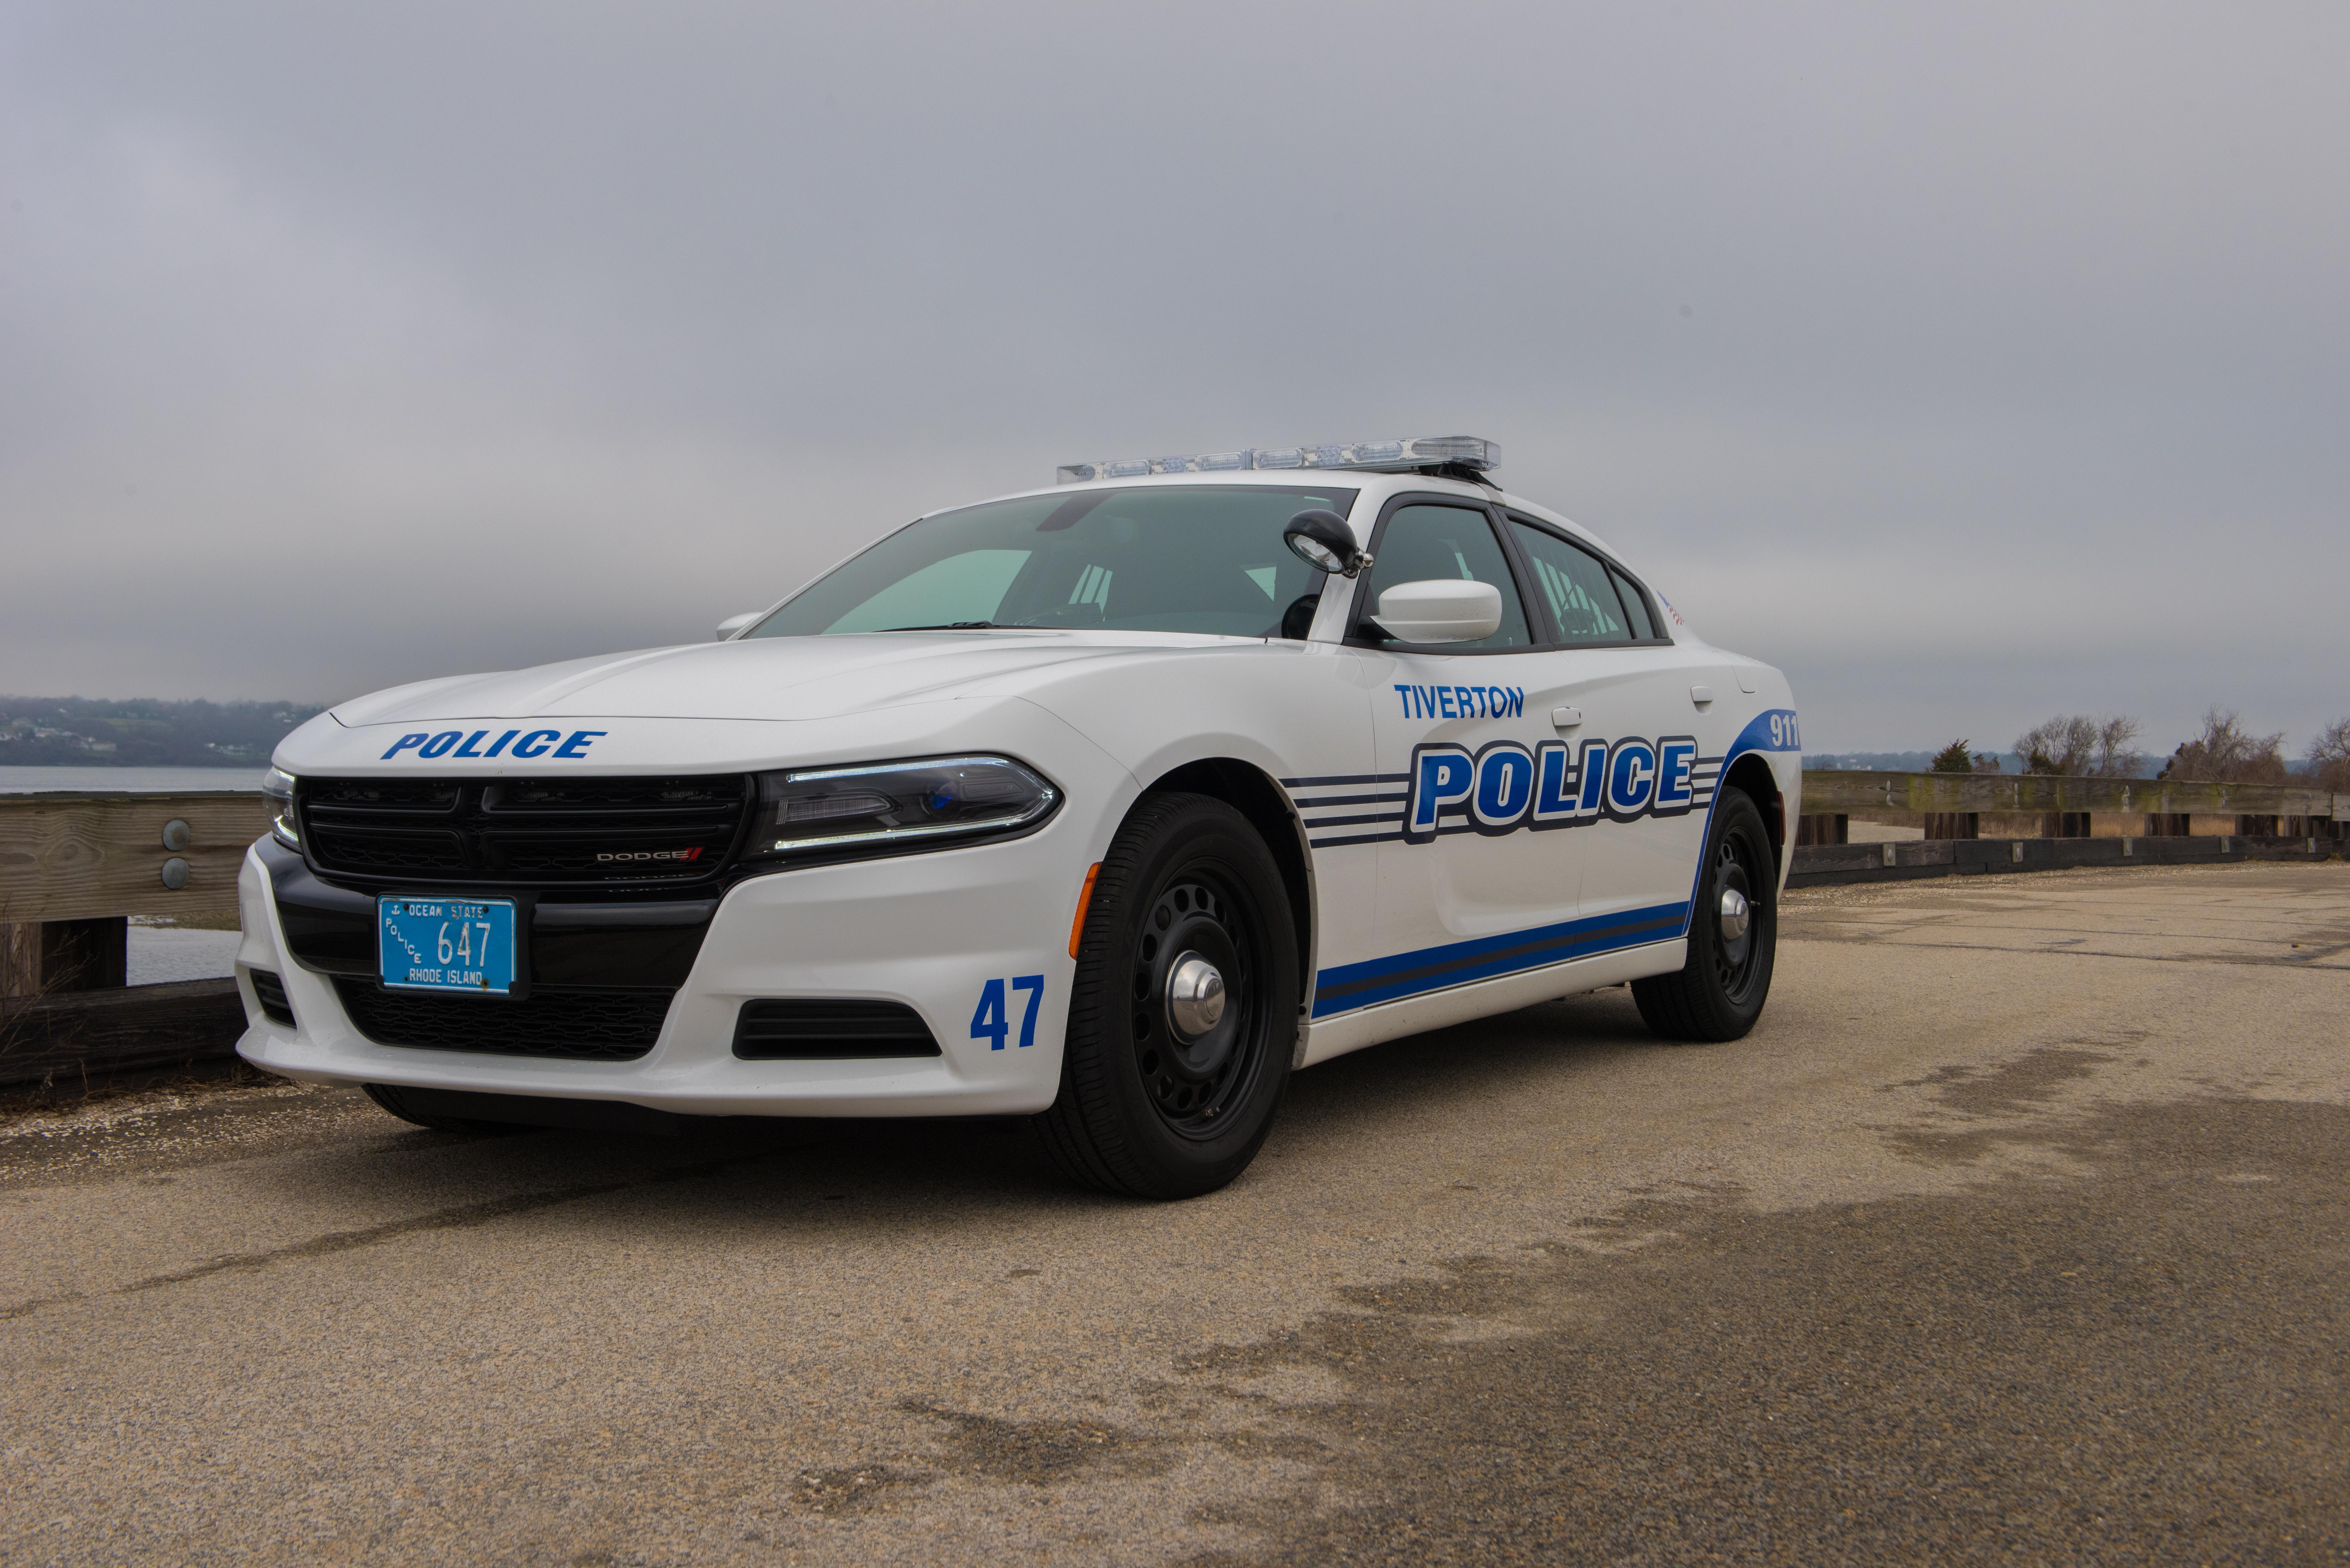 Tiverton Police Cruiser